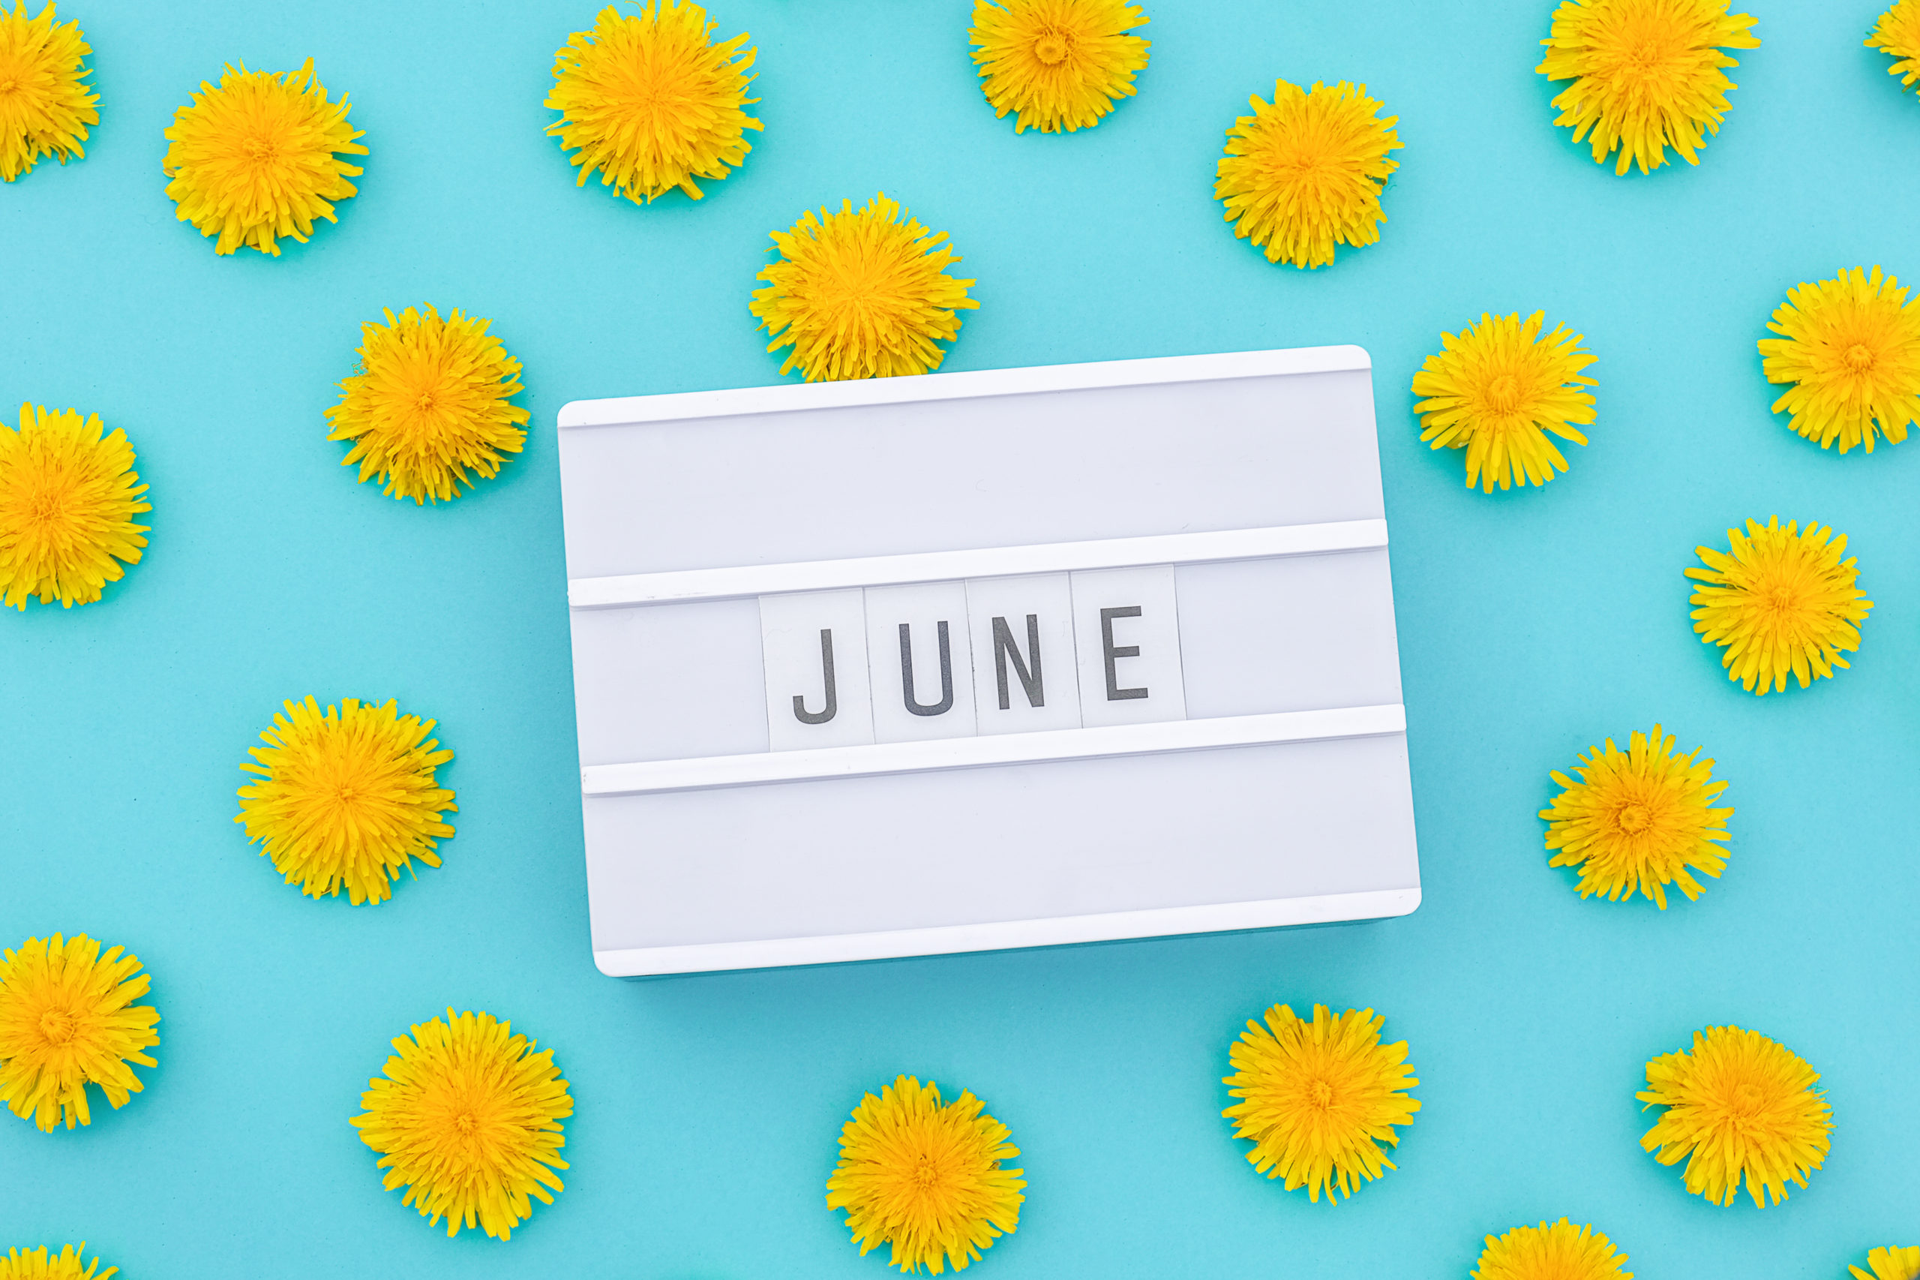 Les essentiels de juin